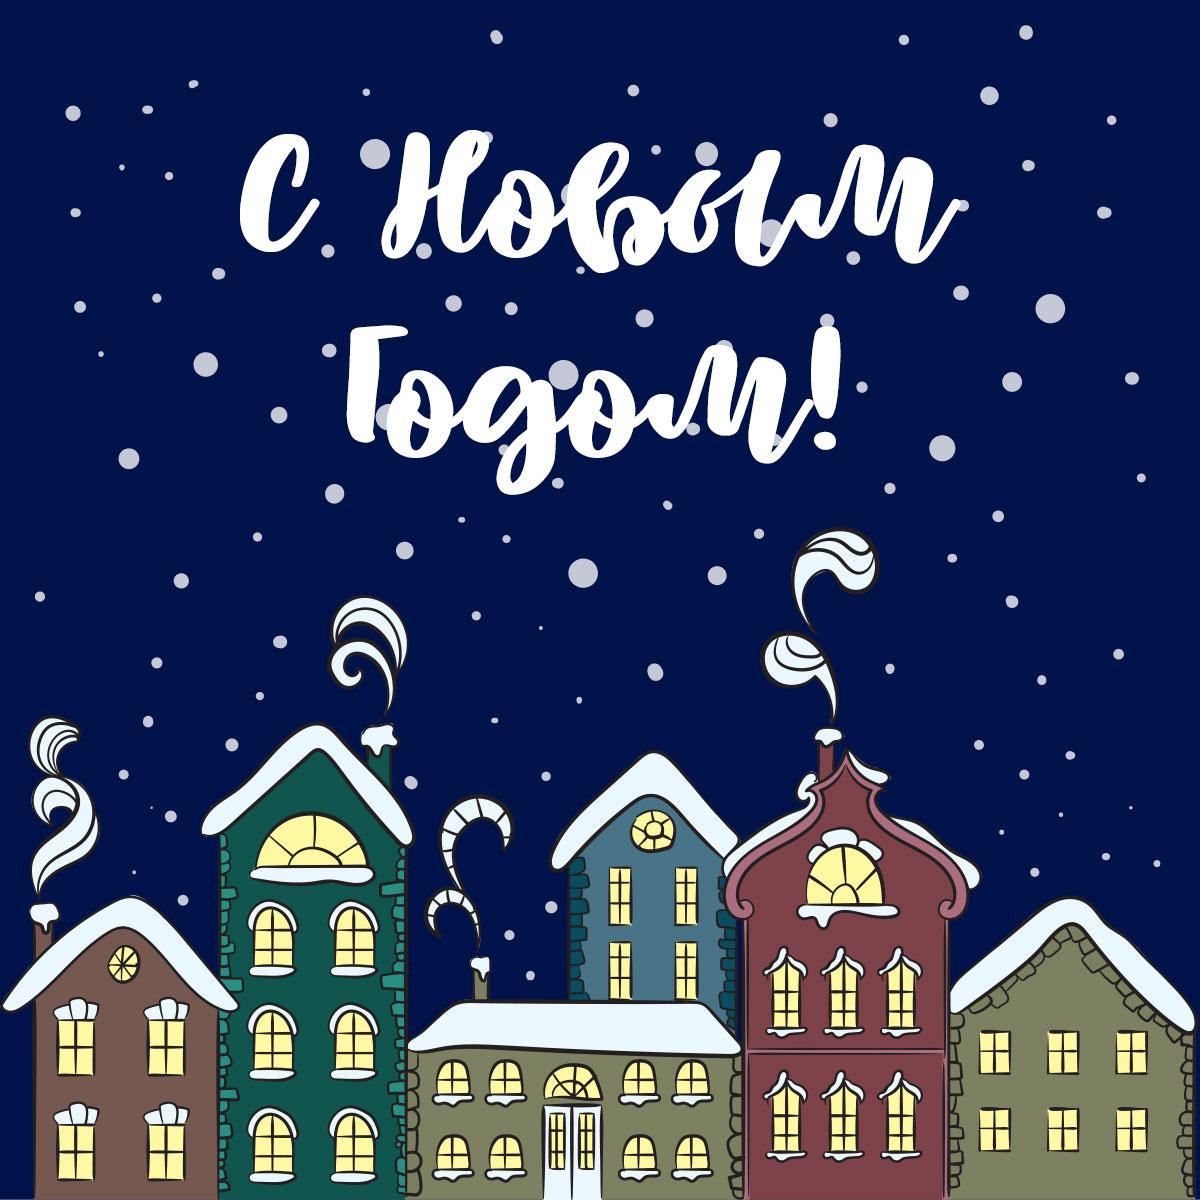 Надпись с новым годом на фоне ночного неба и снегопада над разноцветными домами.